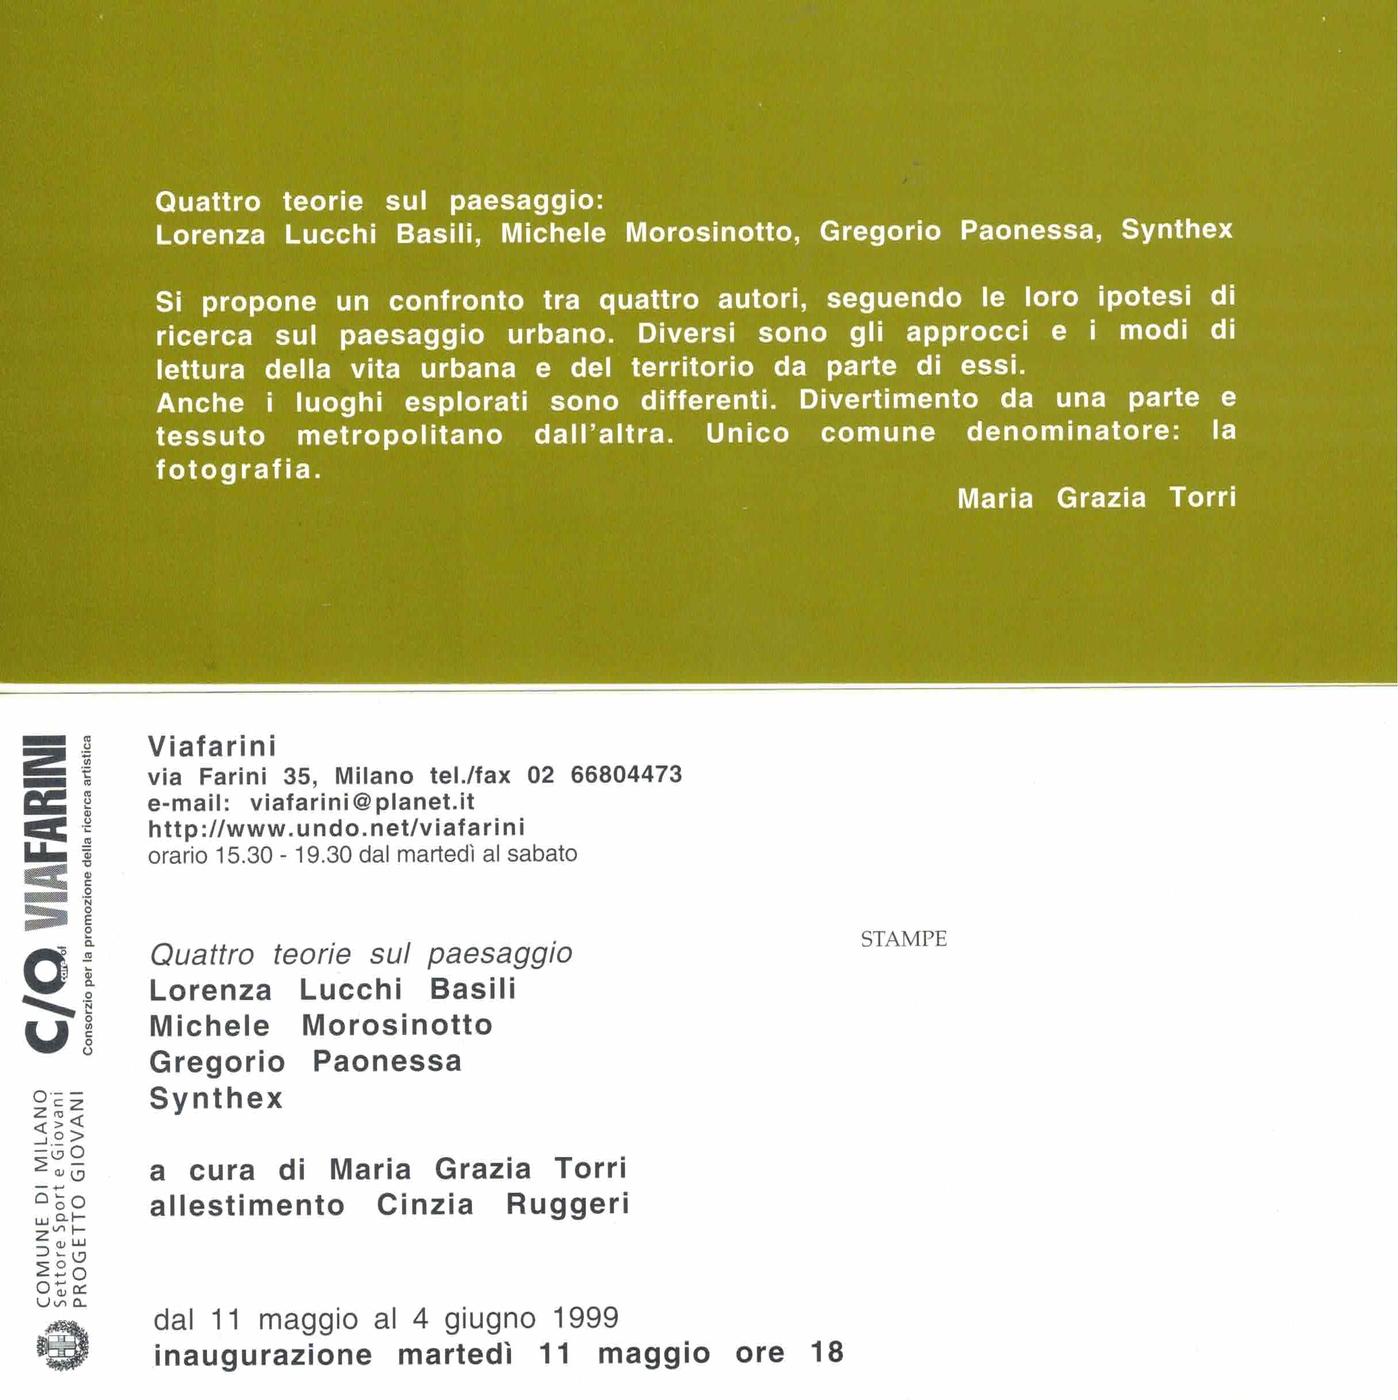 Lorenza Lucchi Basili, Michele Morosinotto, Gregorio Paonessa, Synthex, Quattro teorie sul paesaggio